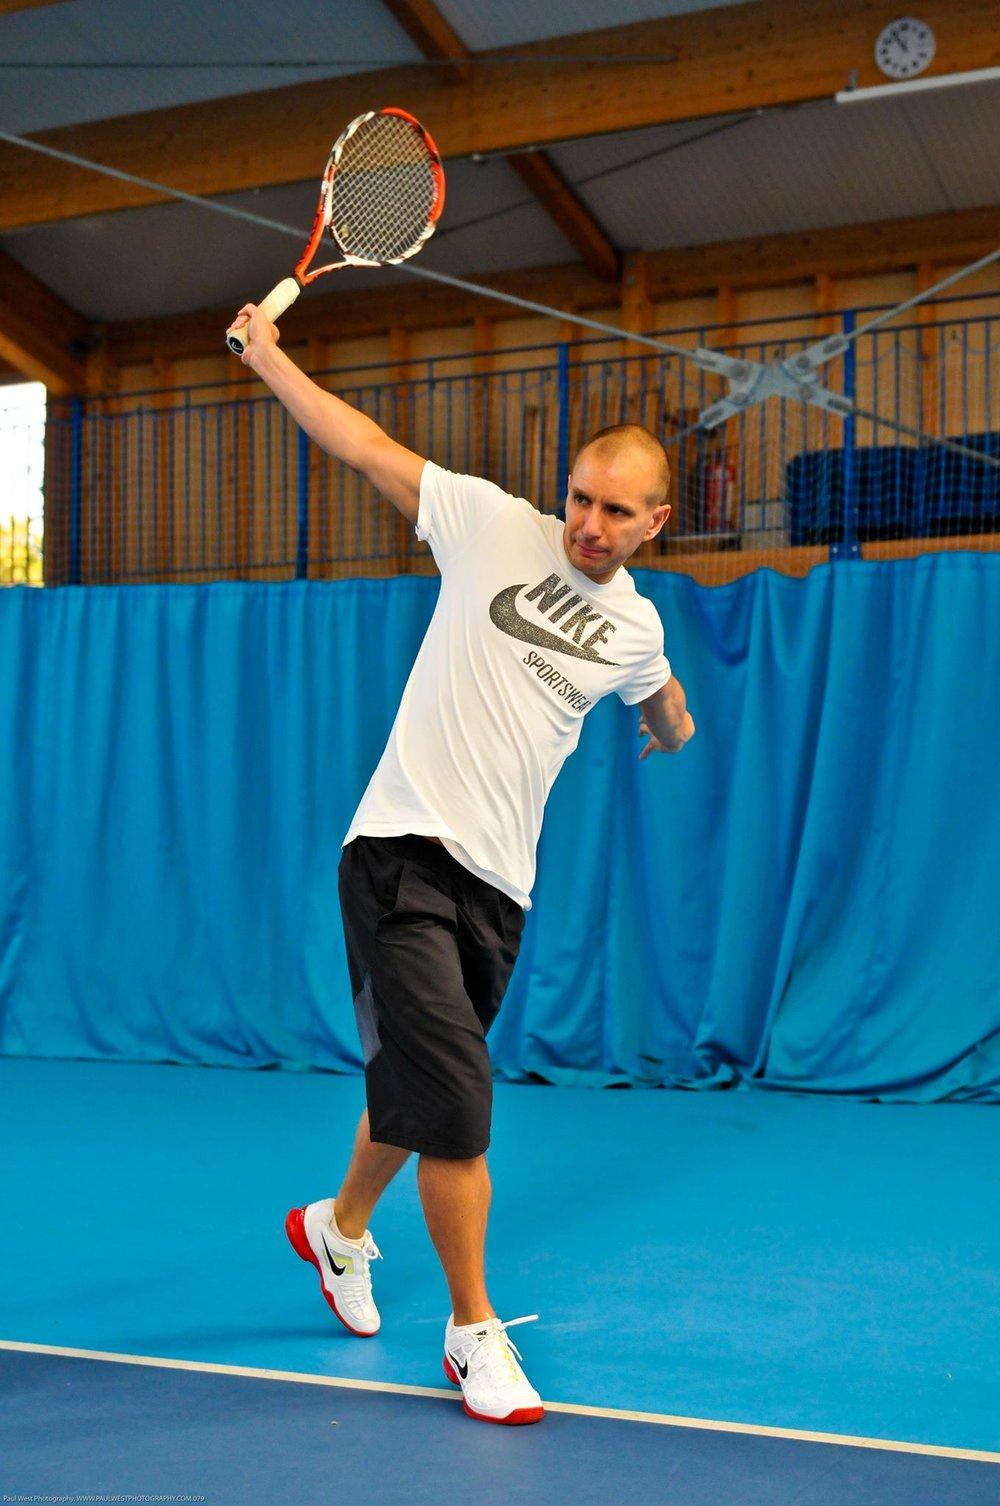 Leigh Brandon  Se specijalizovao za rehabilitaciju povreda i kondicioni trening, radi u ovim oblastima od 1996 godine. Leigh je takodje autor četiri knjige uključujući i The Tennis Biomehanics Manual.  Prvo učešće na SCCS Belgrade Konferenciji.